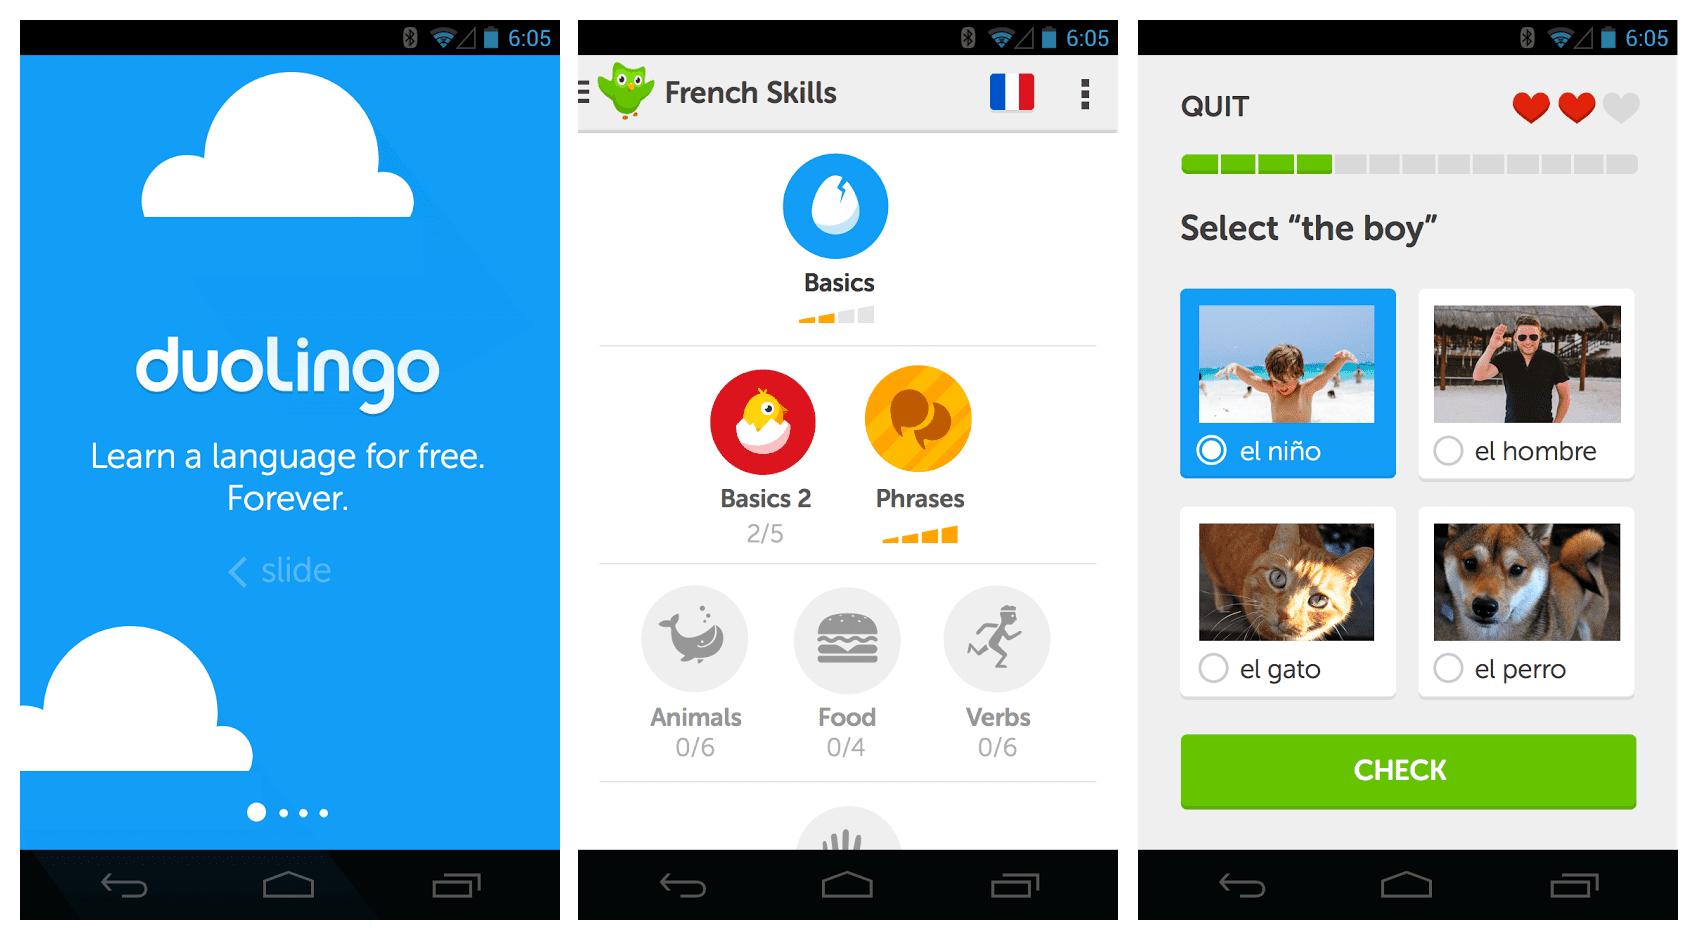 Aplicación para aprender inglés Duolingo